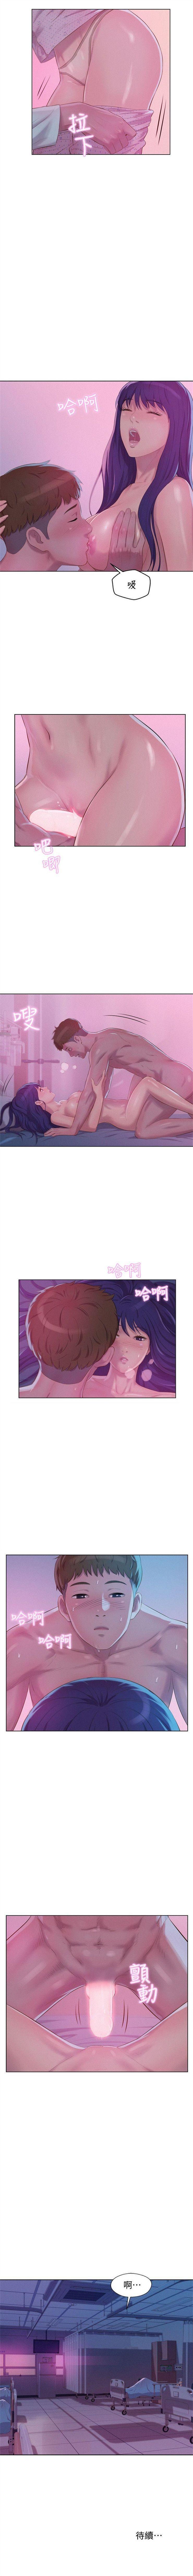 新生淫乱日记 1-61完结(中文) 297